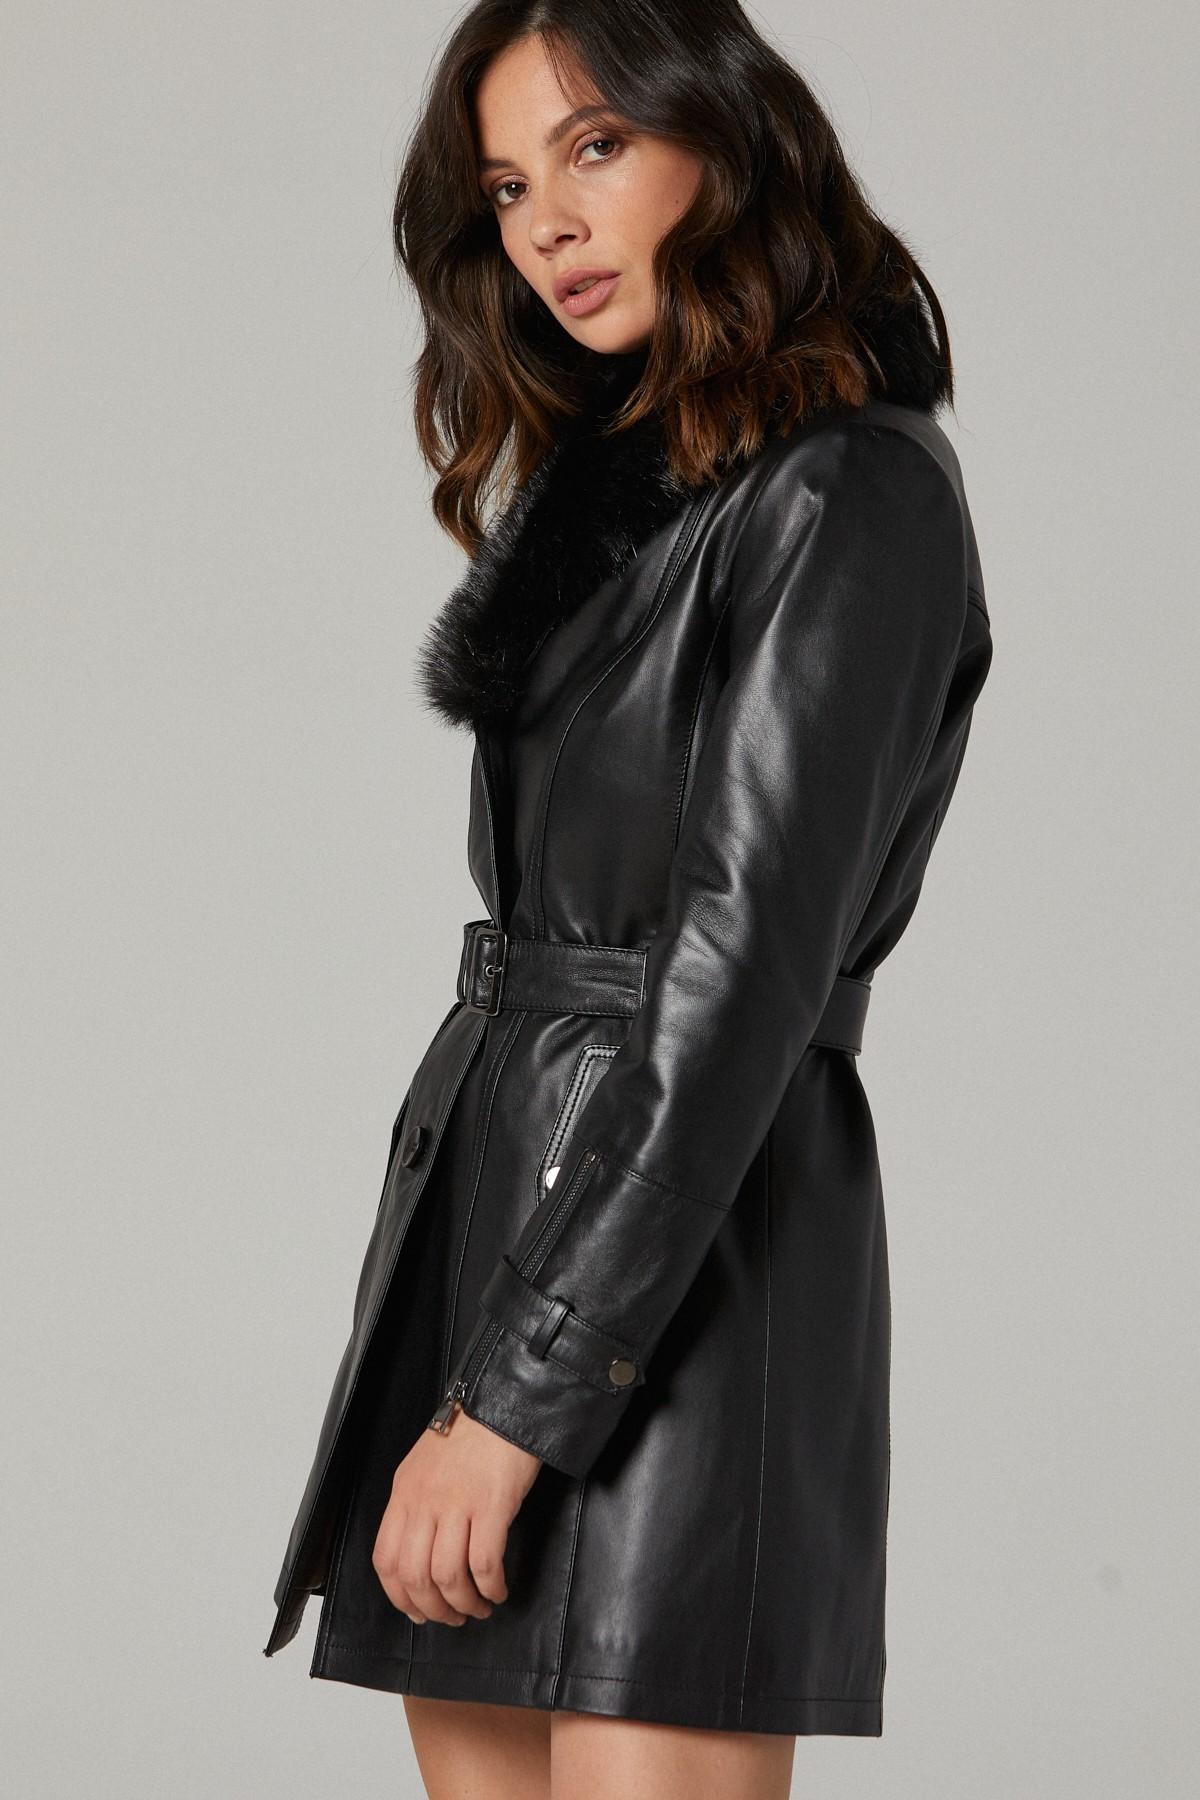 Long Womens Leather Coats